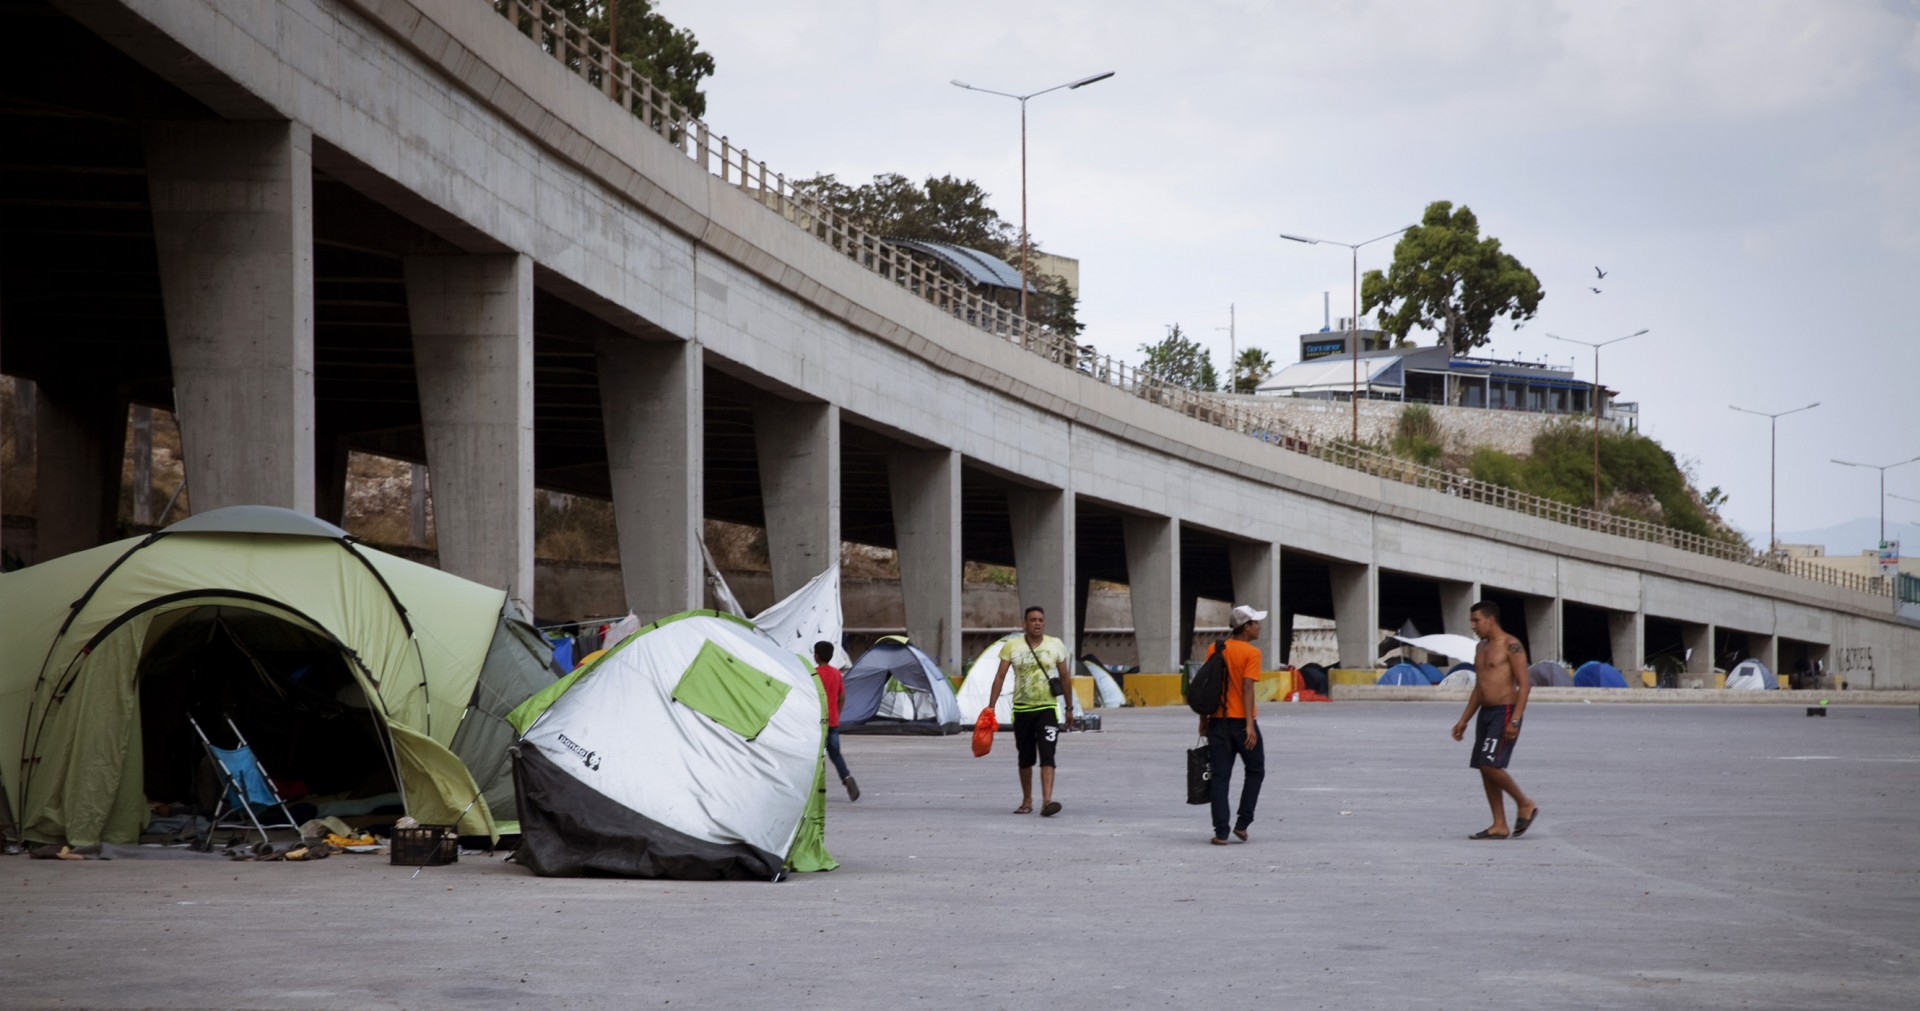 Terminal E2, des centaines de tentes côtoient les piliers du pont.